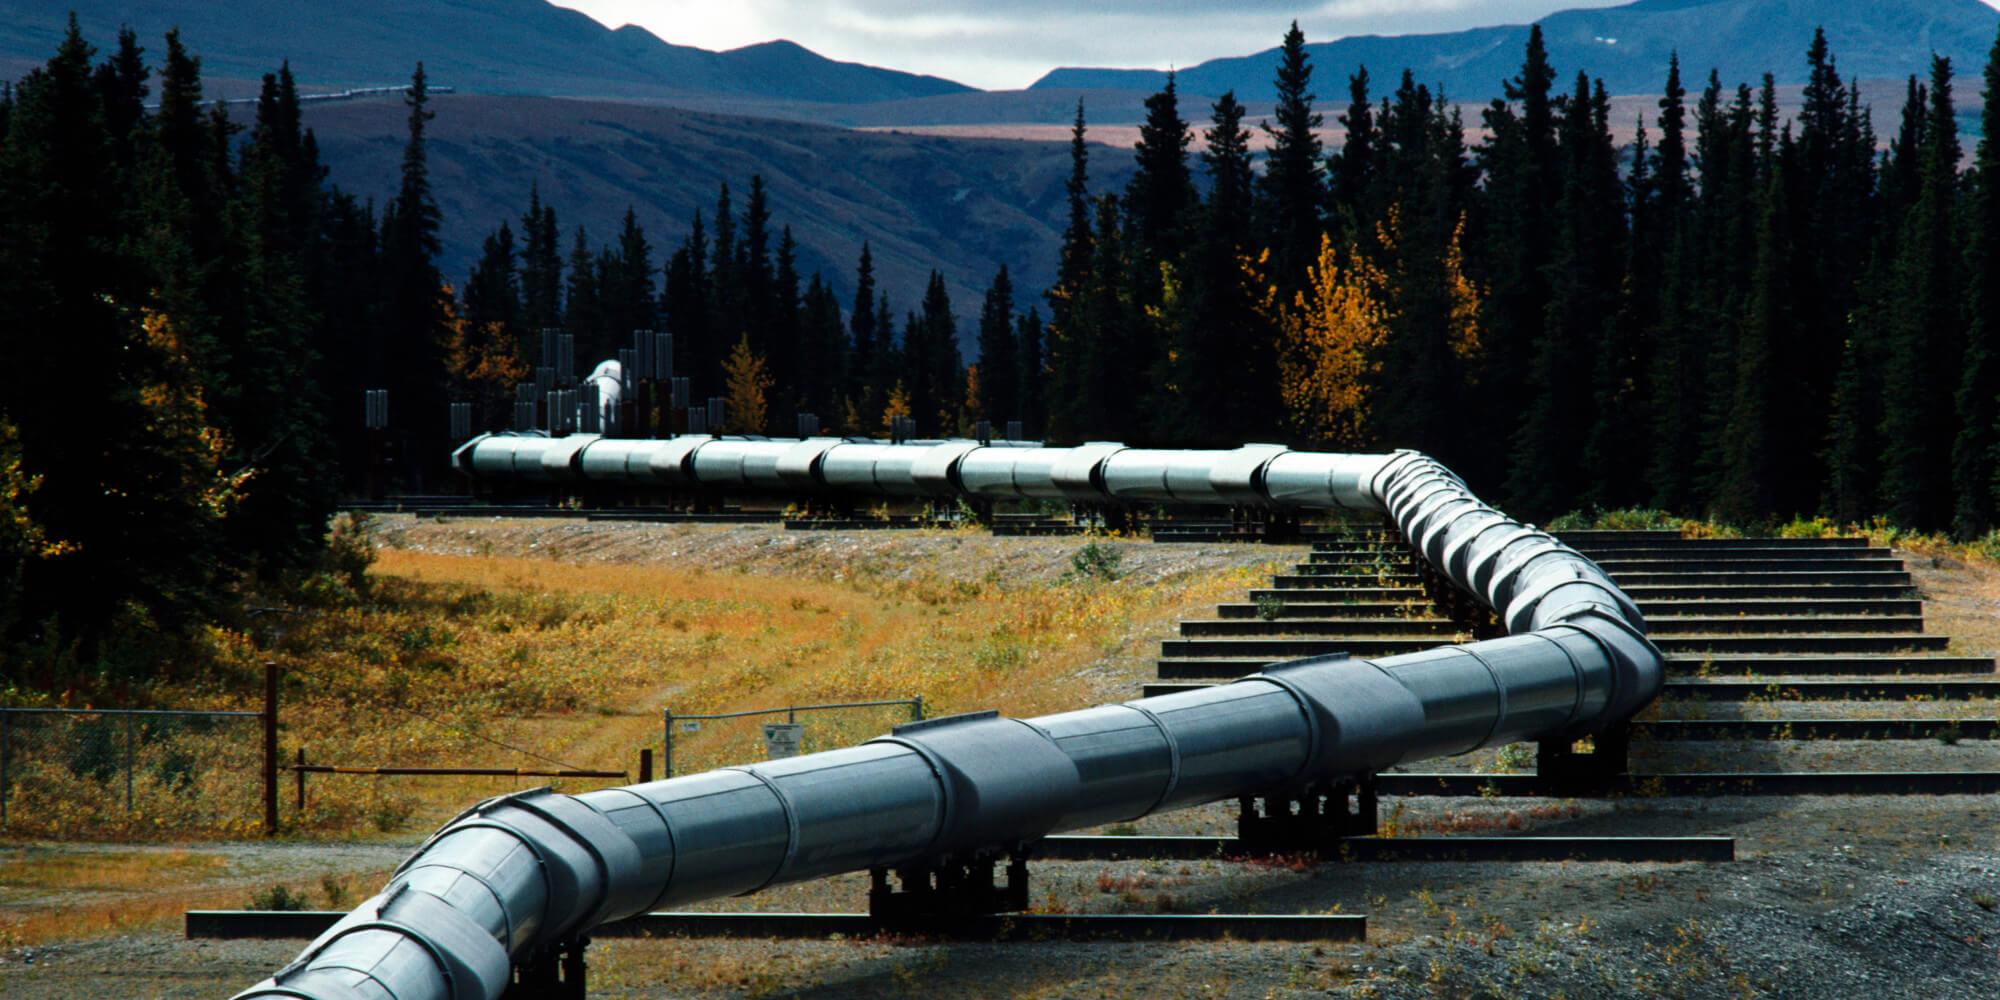 Thessaloniki – Skopje oil pipeline to reopen in 2019